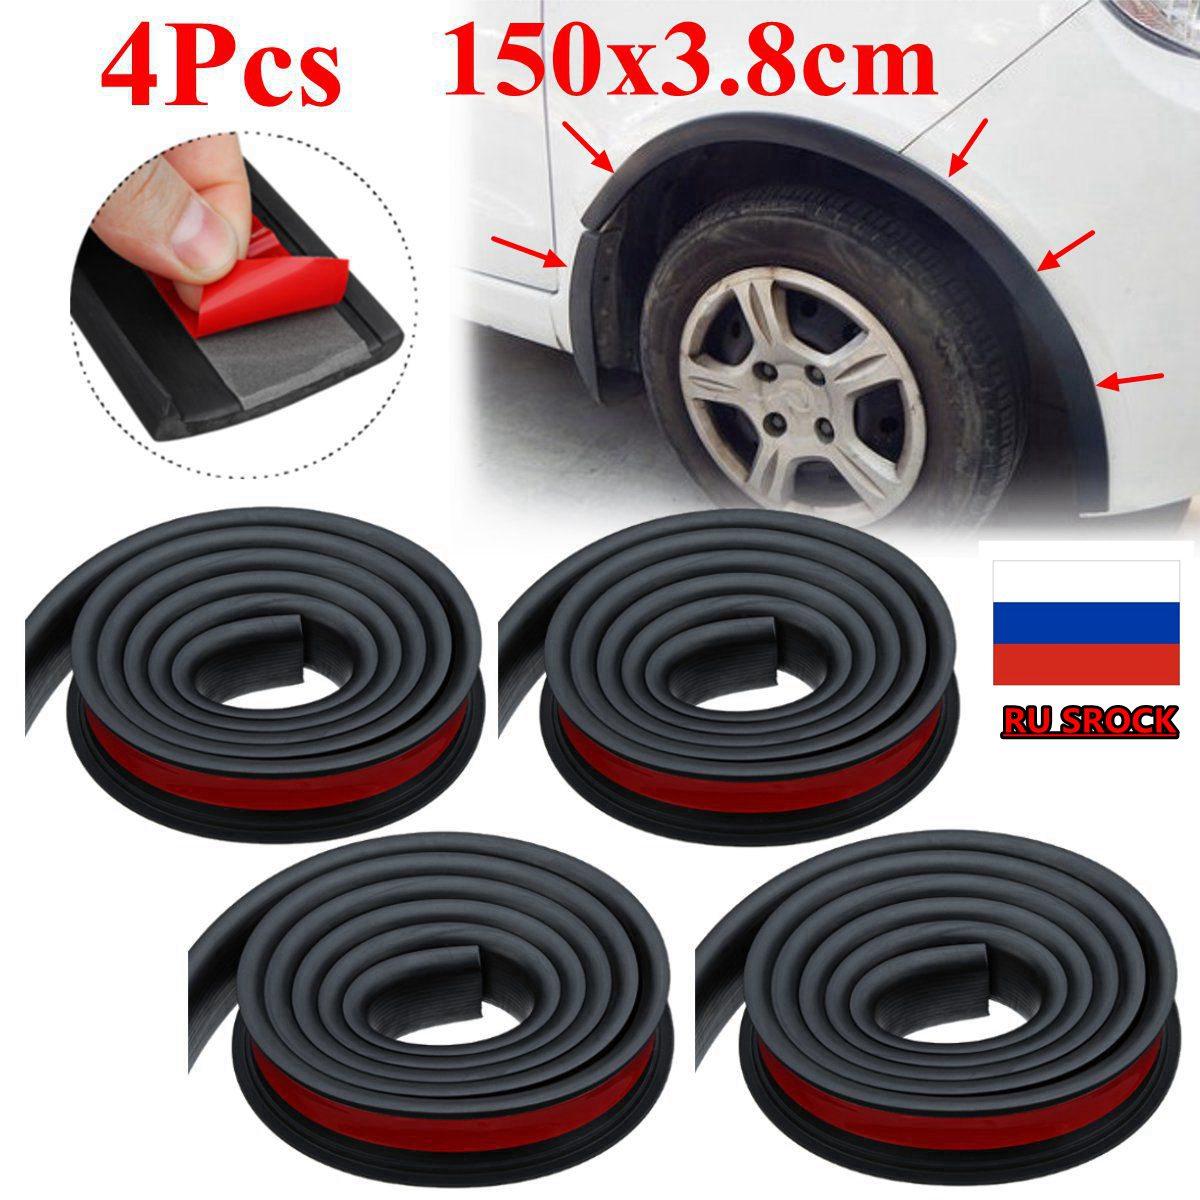 Par universal de borracha do carro paralama guarnição roda arco proteção molduras para a maioria dos carros caminhões suvs estilo do carro moldando 1.5 m x 3.8 cm